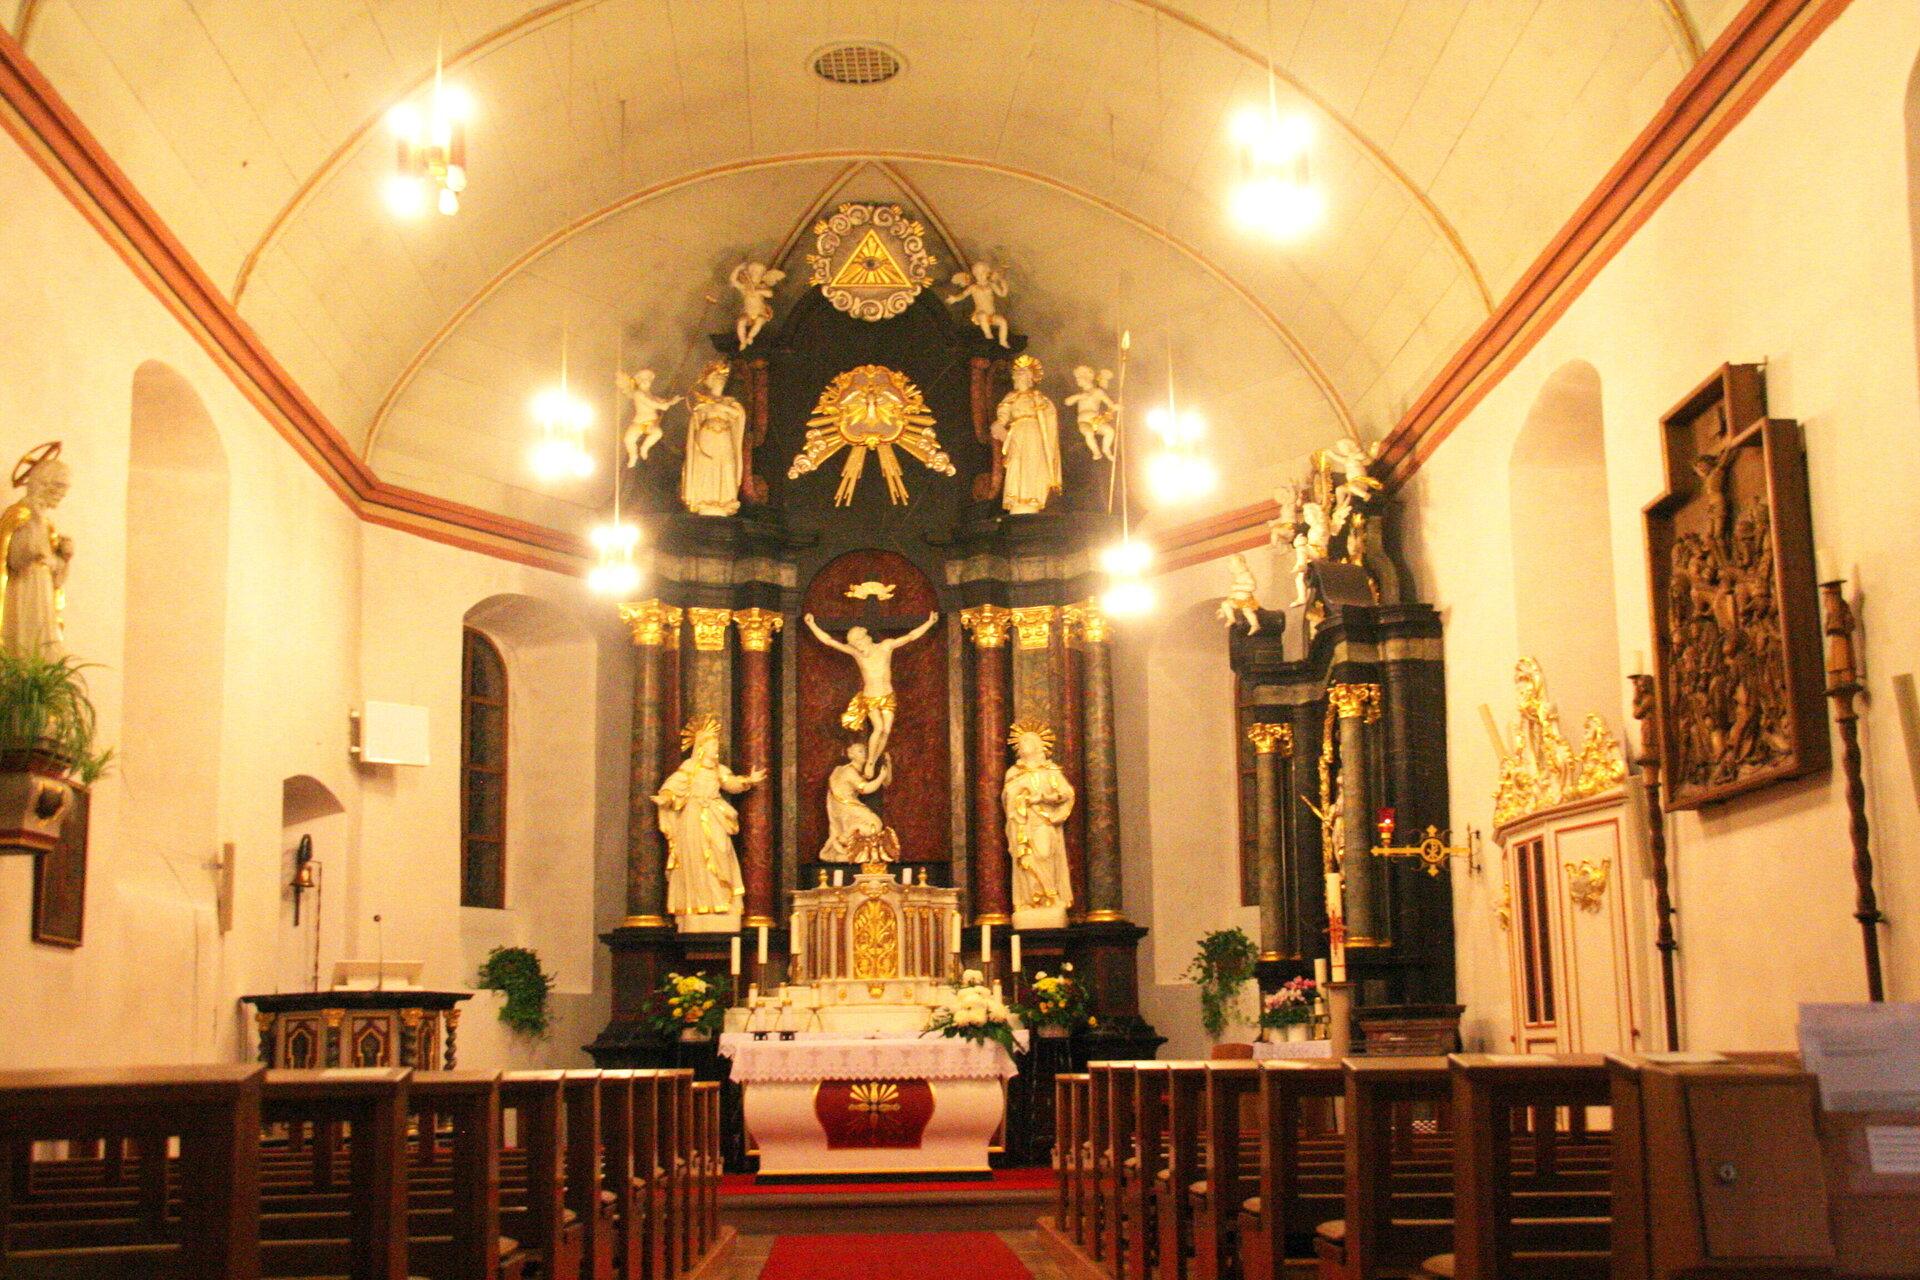 St. Ursula Innenansicht